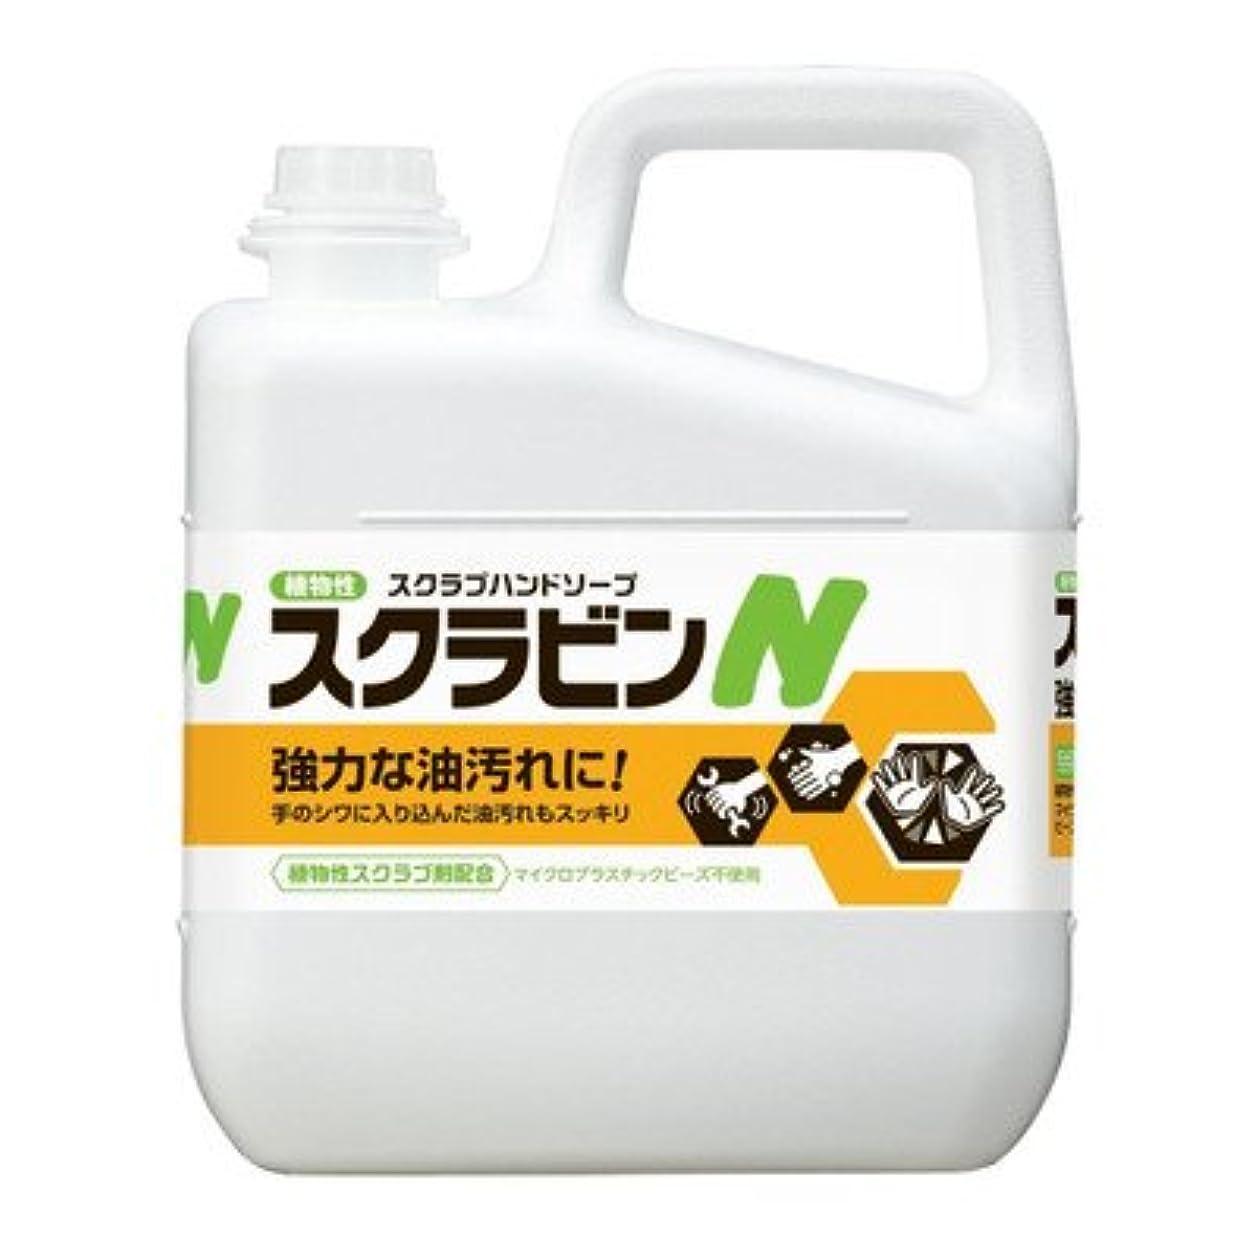 展開する辛なハウジング環境と手肌に優しく油汚れを落とす植物性スクラブハンドソープ サラヤ 植物性スクラブハンドソープ スクラビンN 5kg 23155